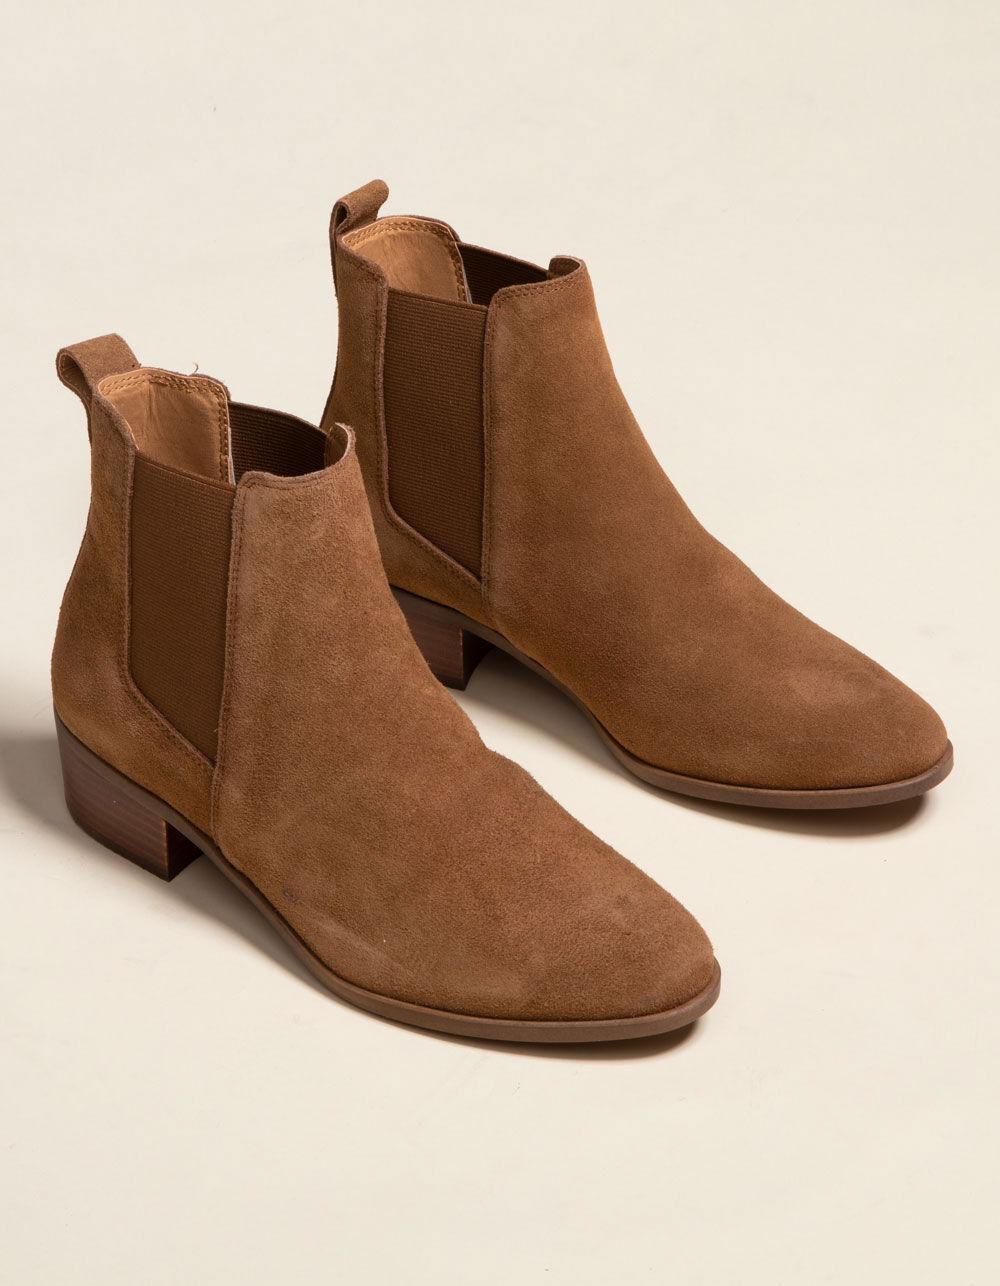 STEVE MADDEN Dover Boots